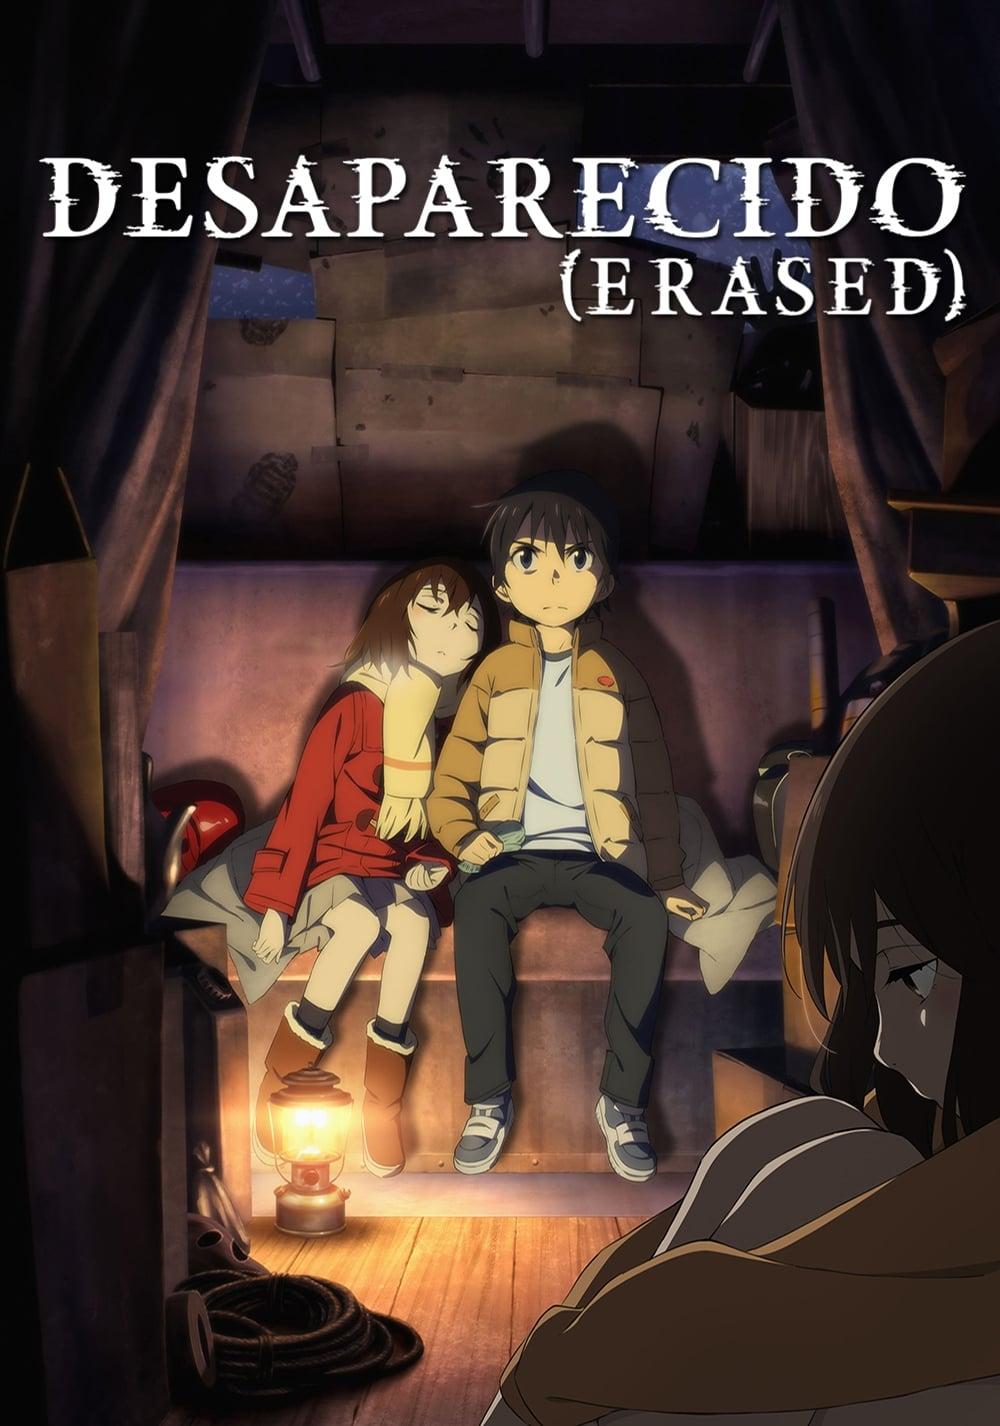 Desaparecido (Erased) poster